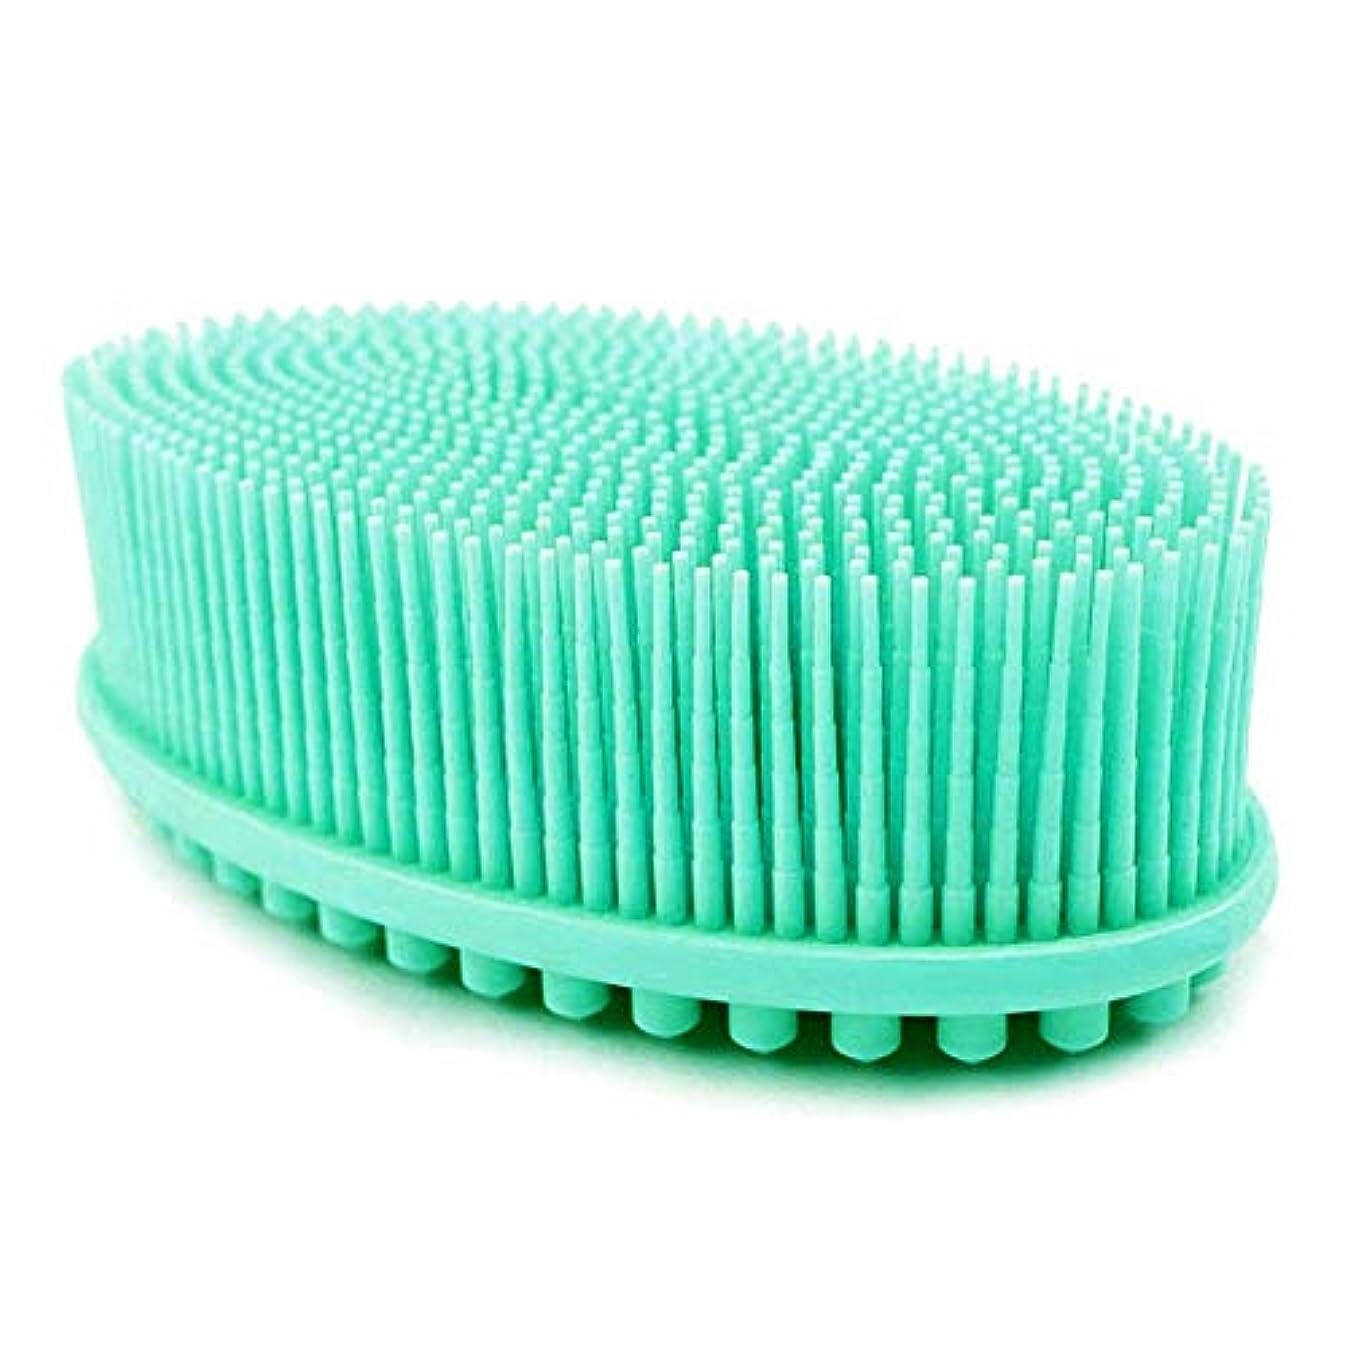 暖かく異邦人においボディブラシ 両面両用ブラシ シリコン製シャワーブラシ バス用品 お風呂ブラシ角質除去 美肌効果 血液循環を改善し、健康と美容に良い, 緑